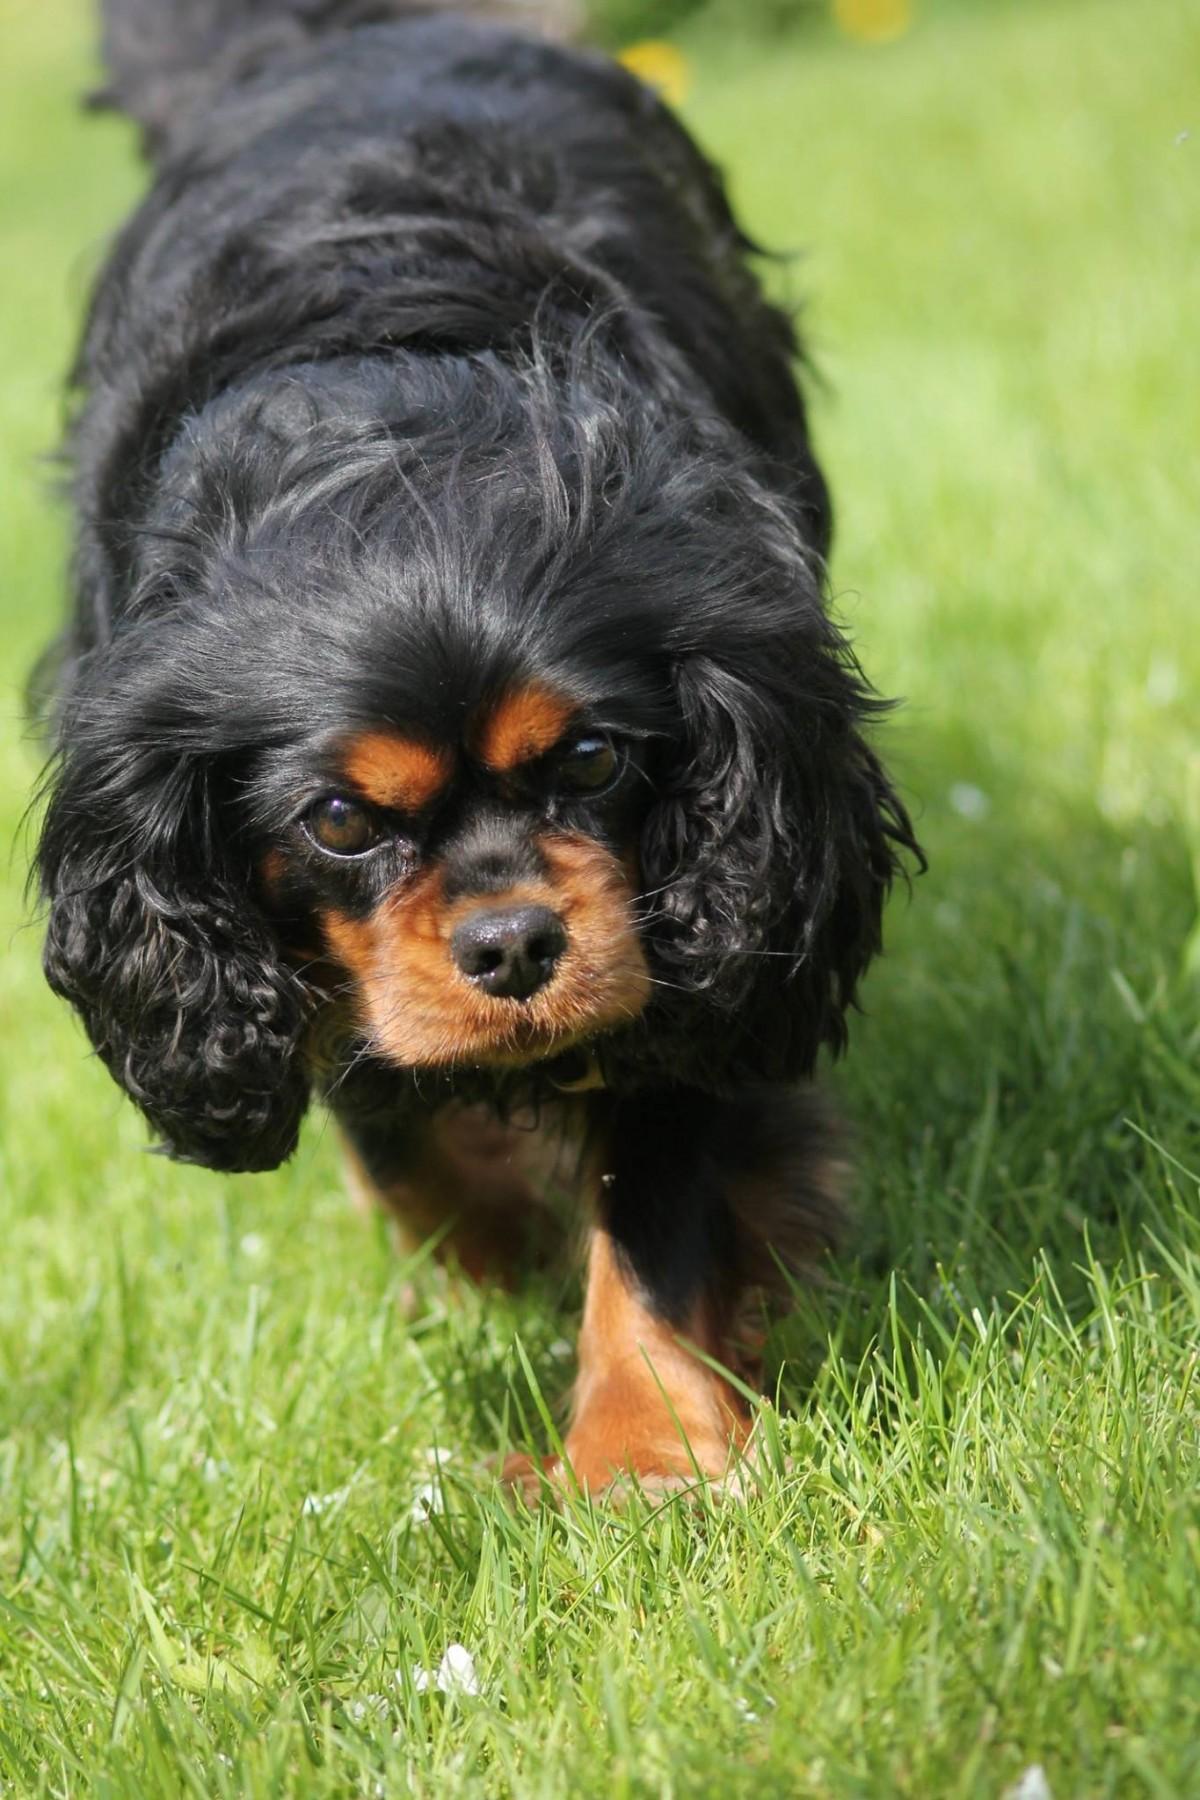 gratis billeder hundehvalp dyr nuttet hunde k ledyr beh ret hvirveldyr yndig hunderace. Black Bedroom Furniture Sets. Home Design Ideas